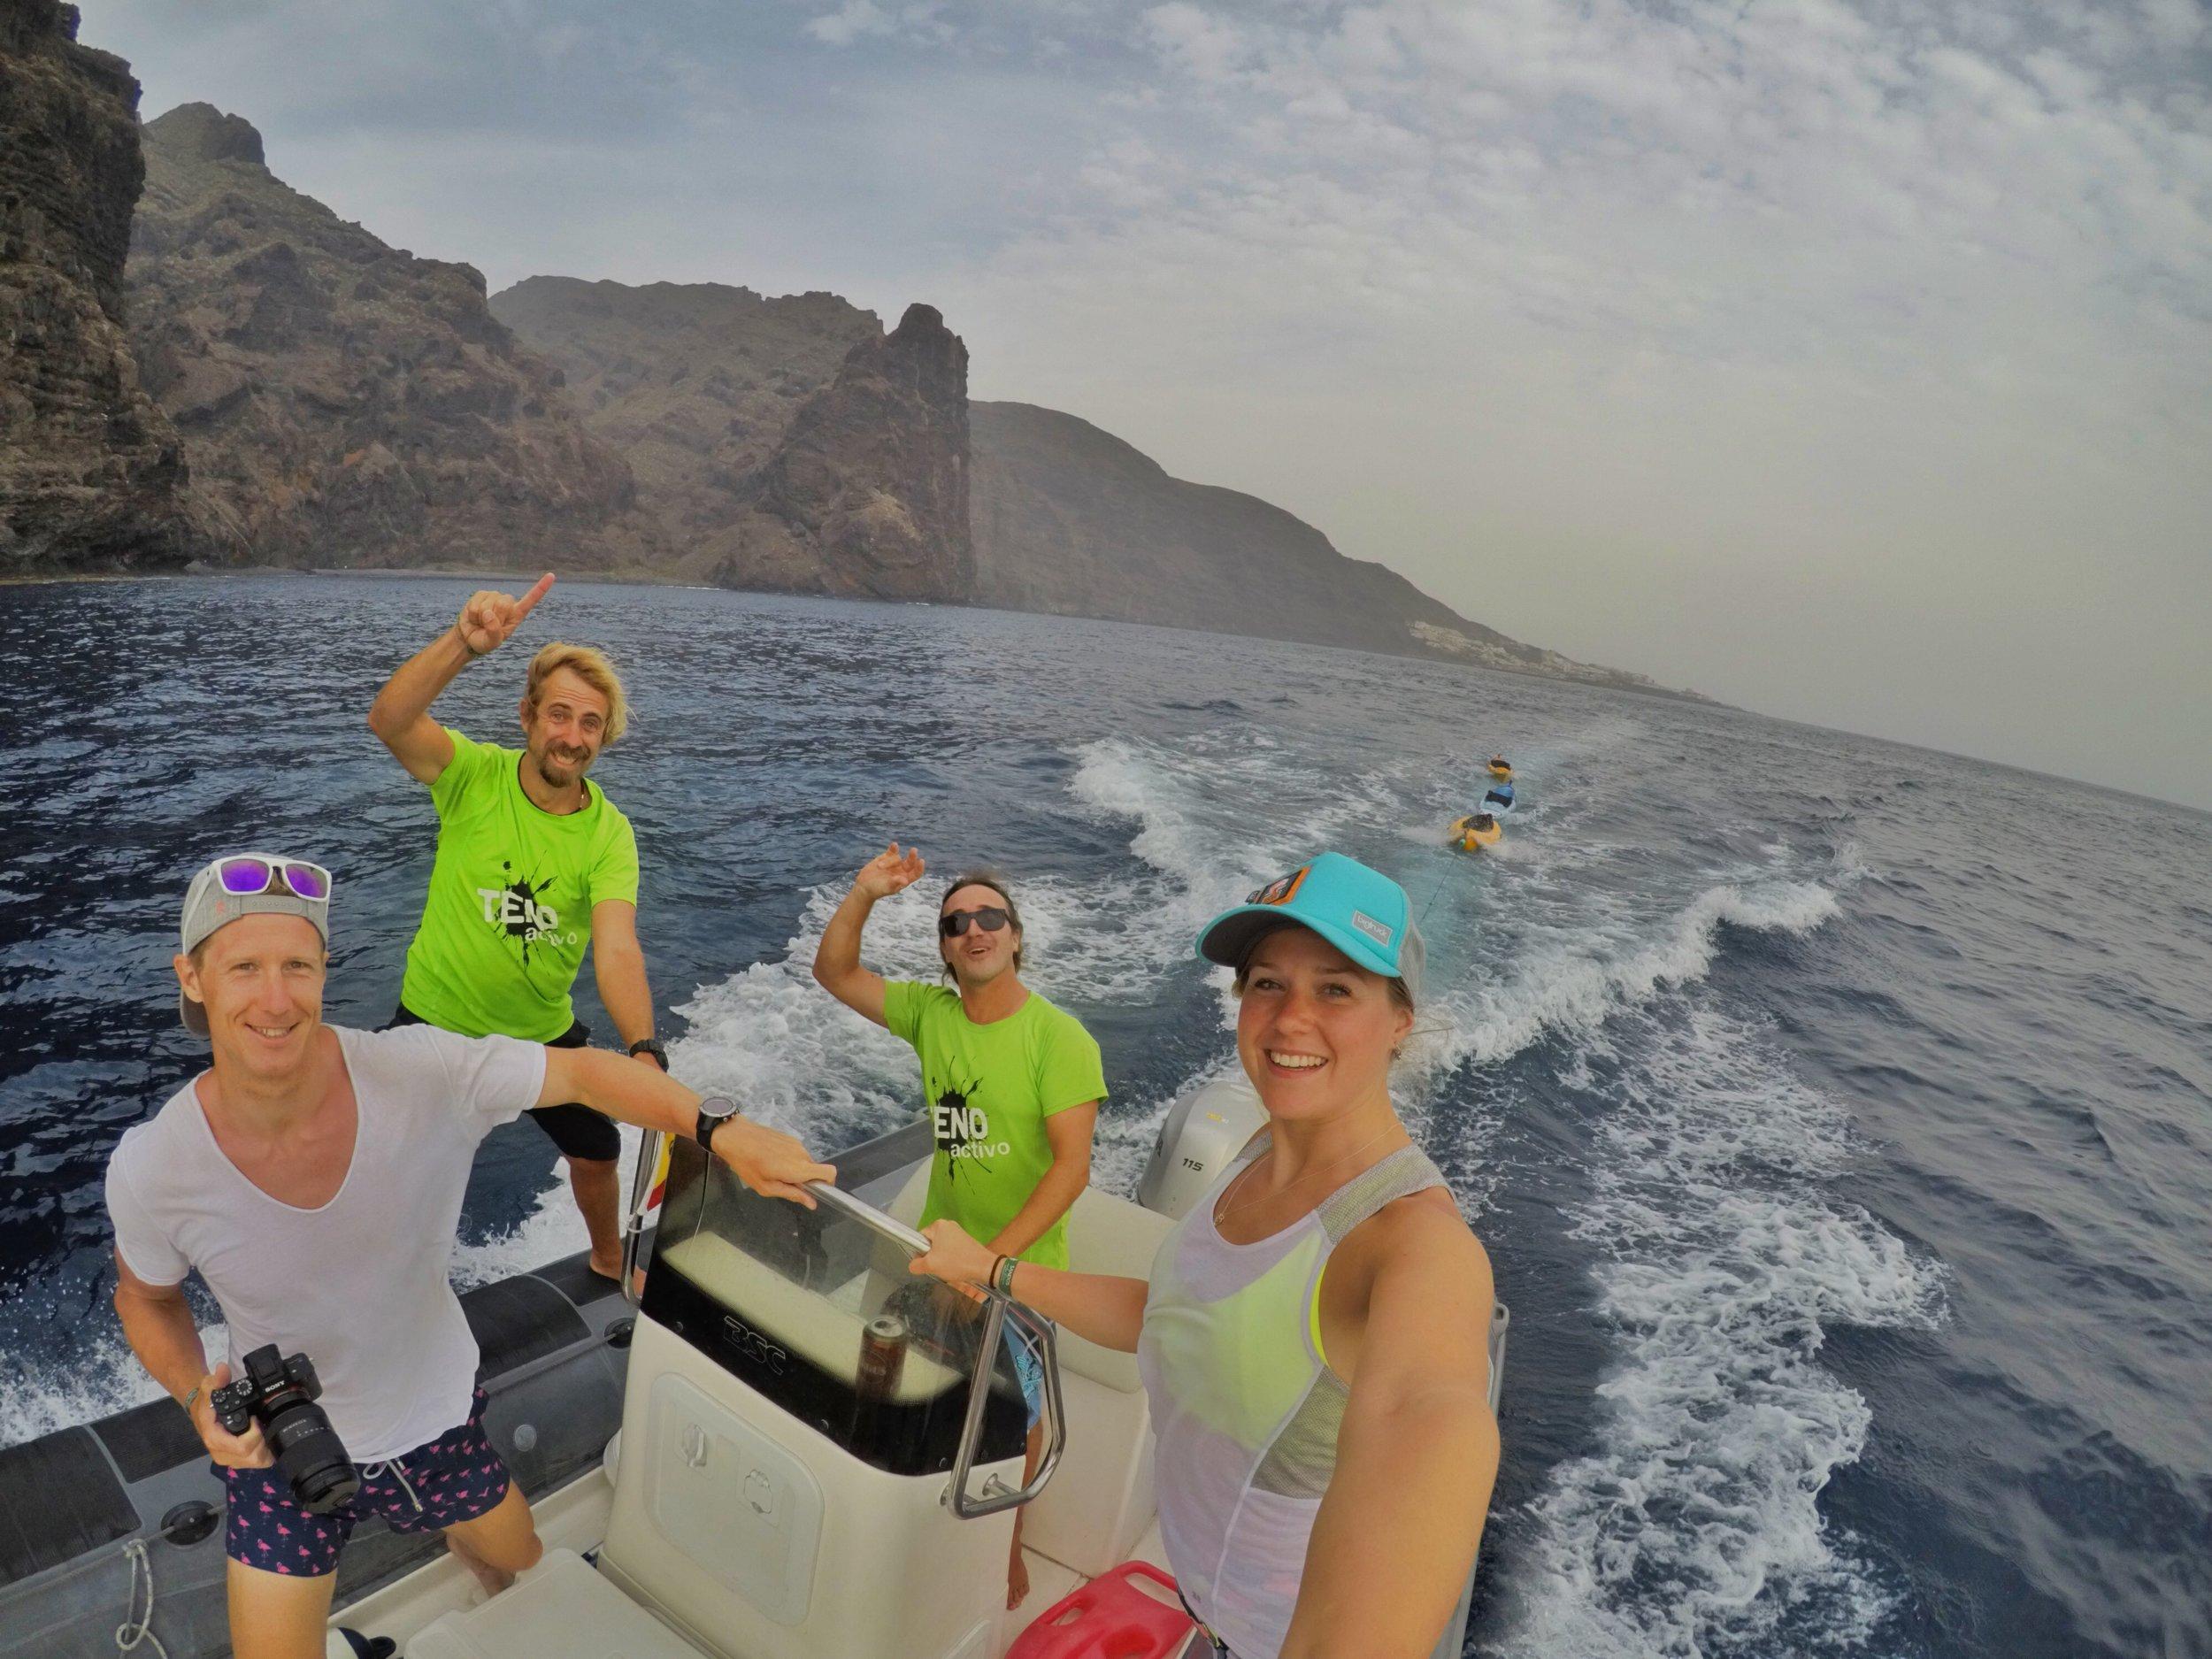 Tenerife Teno Active Adventures, Sophie Radcliffe, One Life, Live It